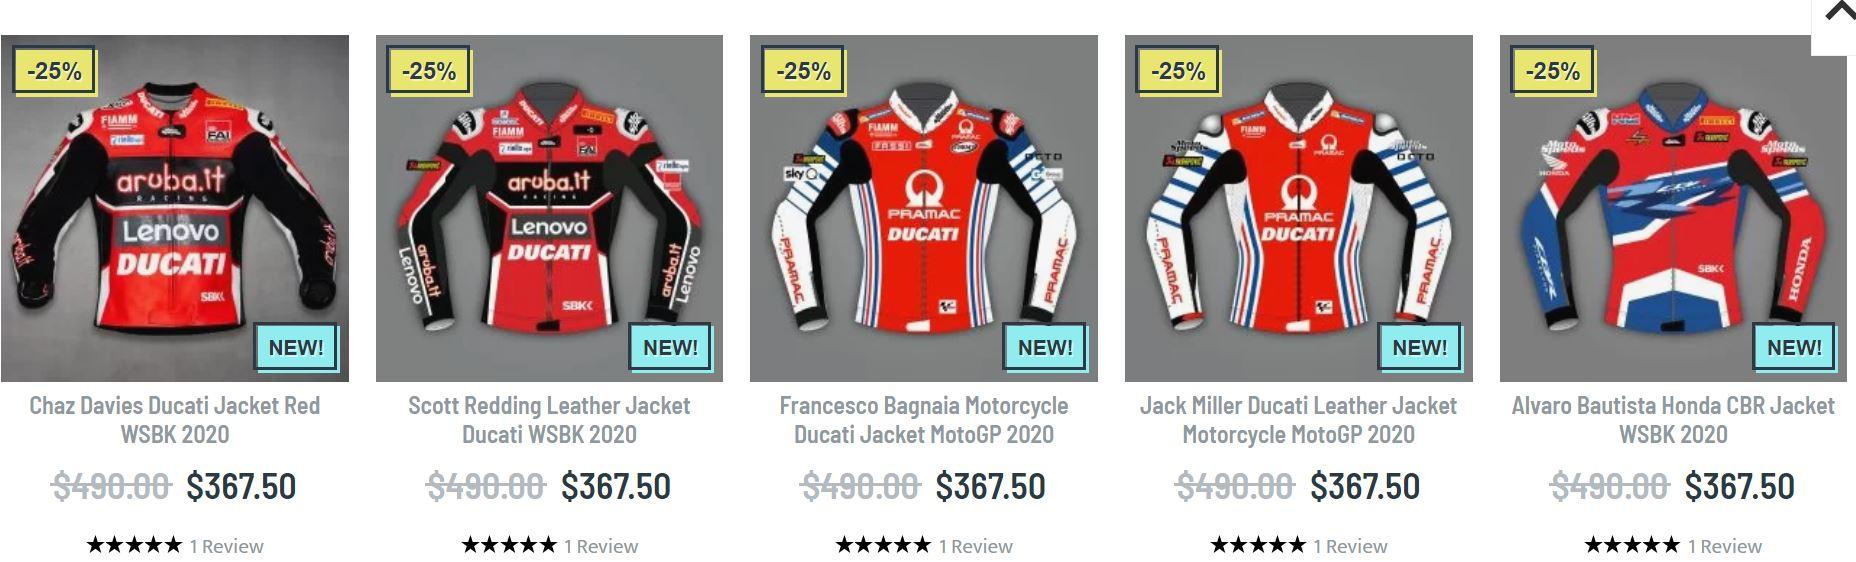 Motogp racing jacket